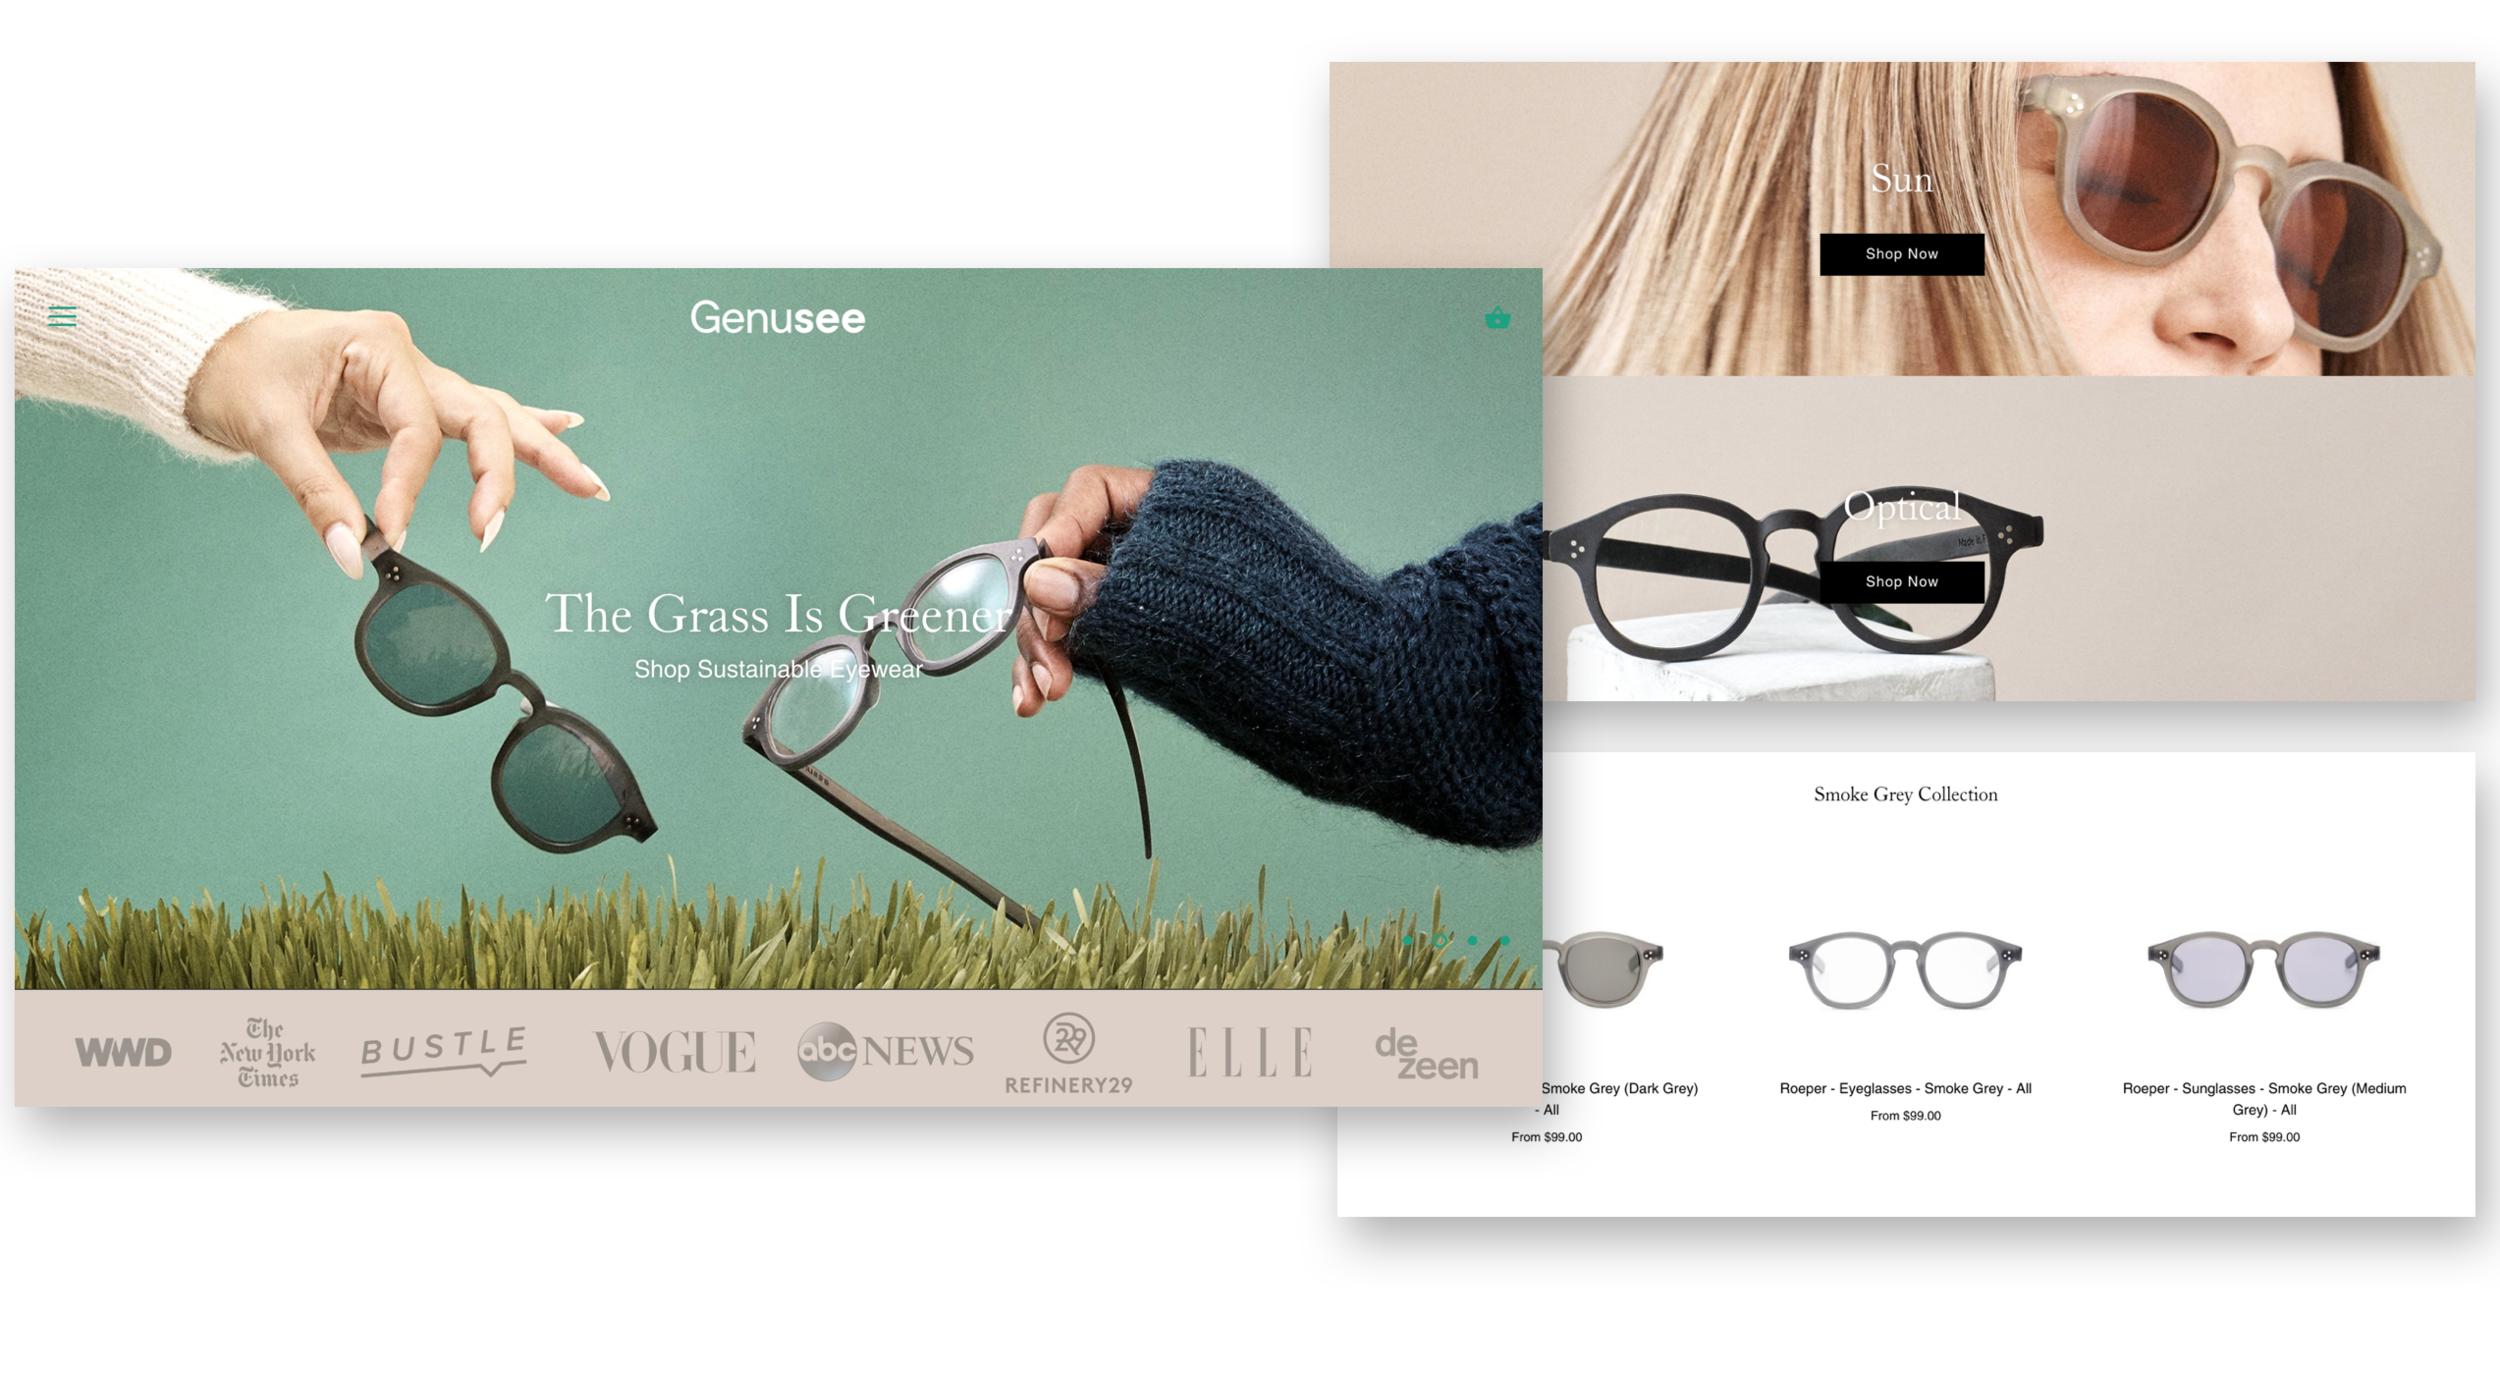 Genusee Eyewear - User Experience Designer & Strategist